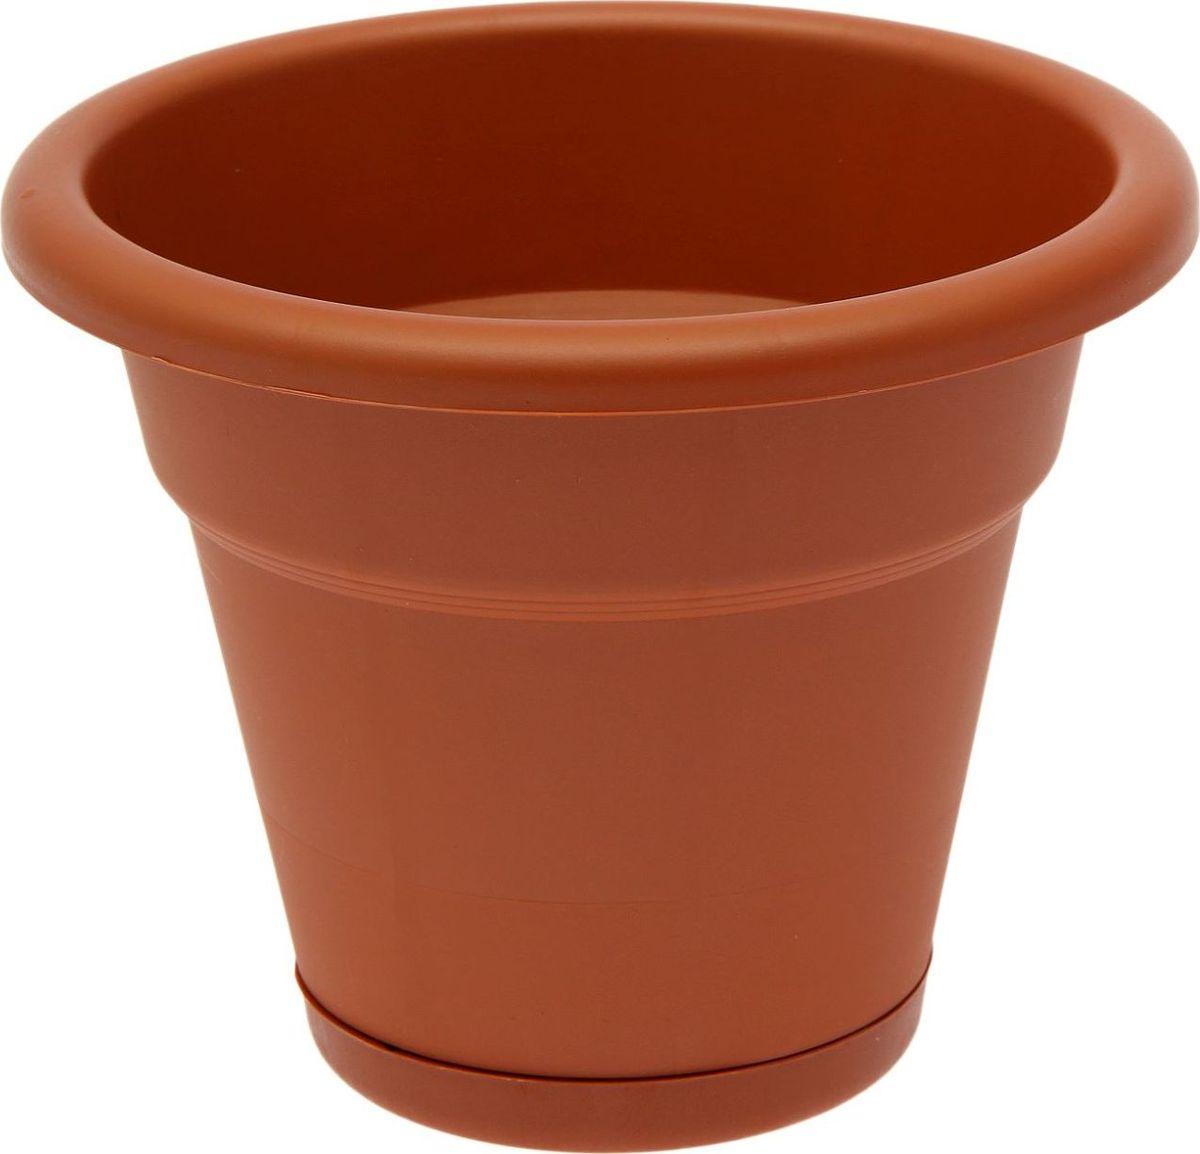 Горшок для цветов Simple Garden, с нижним поливом, цвет: терракотовый, 3,5 л1915477Любой, даже самый современный и продуманный интерьер будет незавершённым без растений. Они не только очищают воздух и насыщают его кислородом, но и украшают окружающее пространство. Такому полезному члену семьи просто необходим красивый и функциональный дом! Мы предлагаем #name#! Оптимальный выбор материала — пластмасса! Почему мы так считаем?Малый вес. С лёгкостью переносите горшки и кашпо с места на место, ставьте их на столики или полки, не беспокоясь о нагрузке. Простота ухода. Кашпо не нуждается в специальных условиях хранения. Его легко чистить — достаточно просто сполоснуть тёплой водой. Никаких потёртостей. Такие кашпо не царапают и не загрязняют поверхности, на которых стоят. Пластик дольше хранит влагу, а значит, растение реже нуждается в поливе. Пластмасса не пропускает воздух — корневой системе растения не грозят резкие перепады температур. Огромный выбор форм, декора и расцветок — вы без труда найдёте что-то, что идеально впишется в уже существующий интерьер. Соблюдая нехитрые правила ухода, вы можете заметно продлить срок службы горшков и кашпо из пластика:всегда учитывайте размер кроны и корневой системы (при разрастании большое растение способно повредить маленький горшок)берегите изделие от воздействия прямых солнечных лучей, чтобы горшки не выцветалидержите кашпо из пластика подальше от нагревающихся поверхностей. Создавайте прекрасные цветочные композиции, выращивайте рассаду или необычные растения.